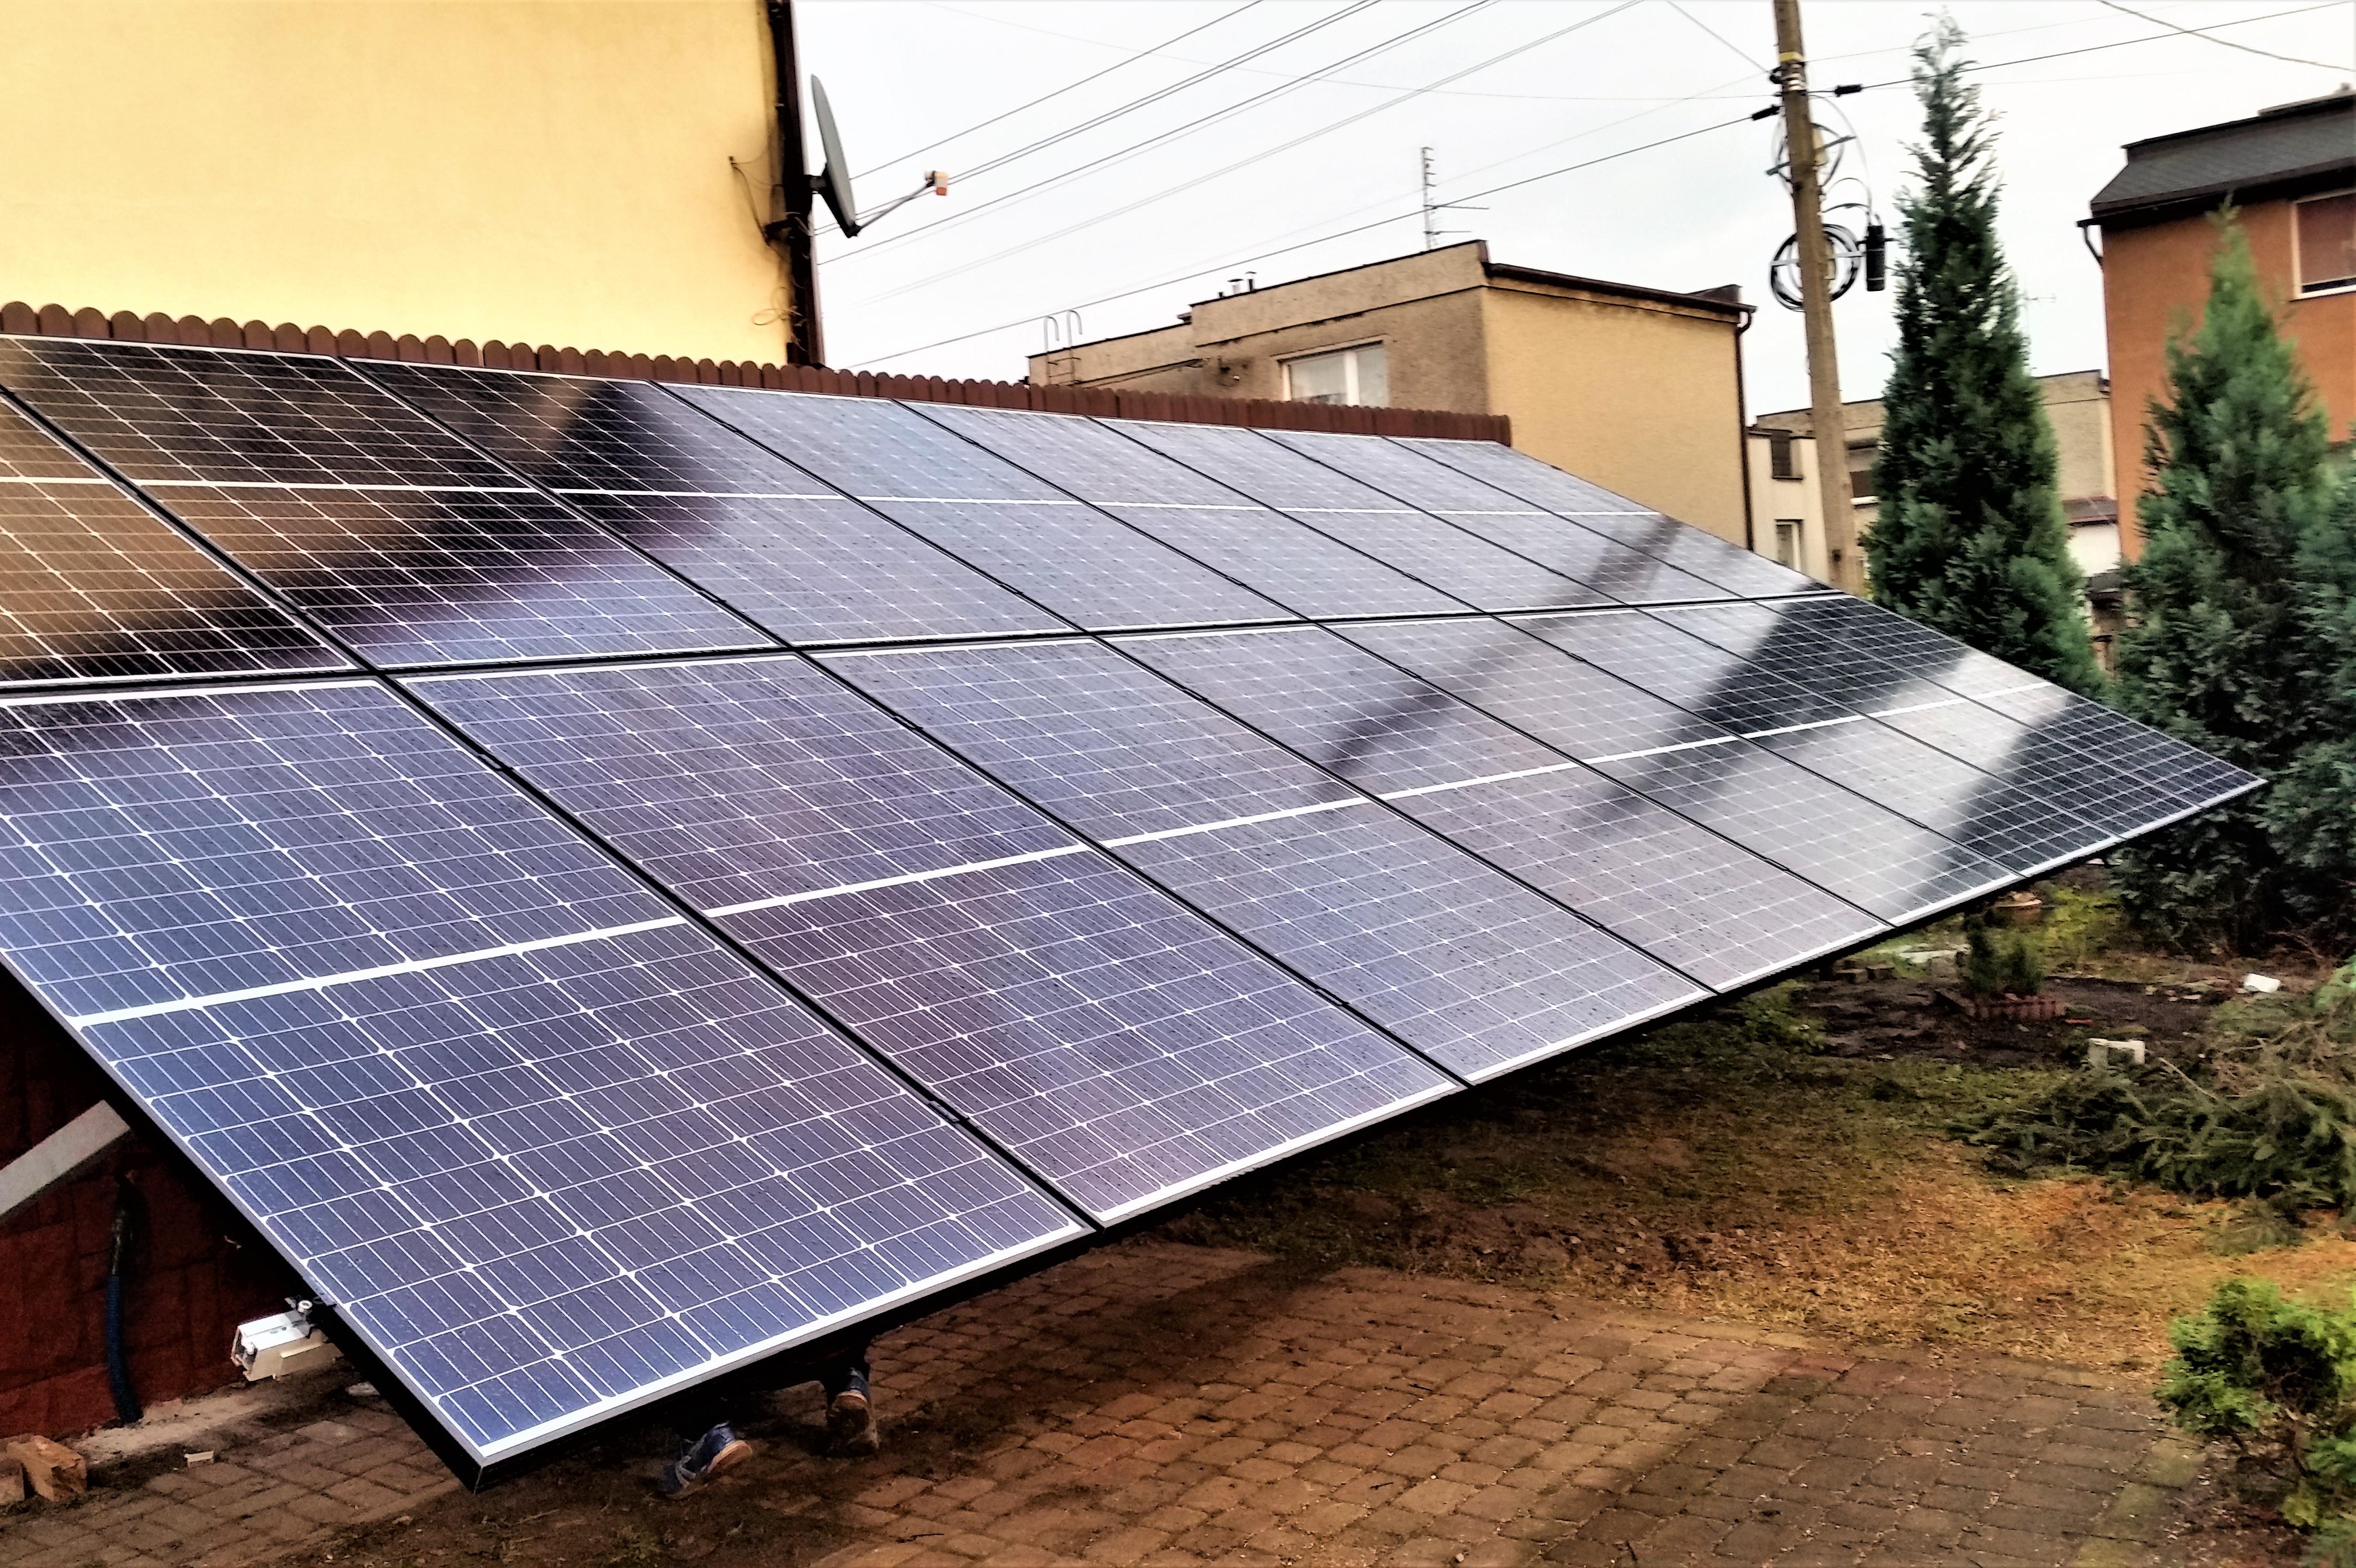 instalacja-fotowoltaiczna-5-28kWp-wolnostojaca-panele-EXESolar-330W.